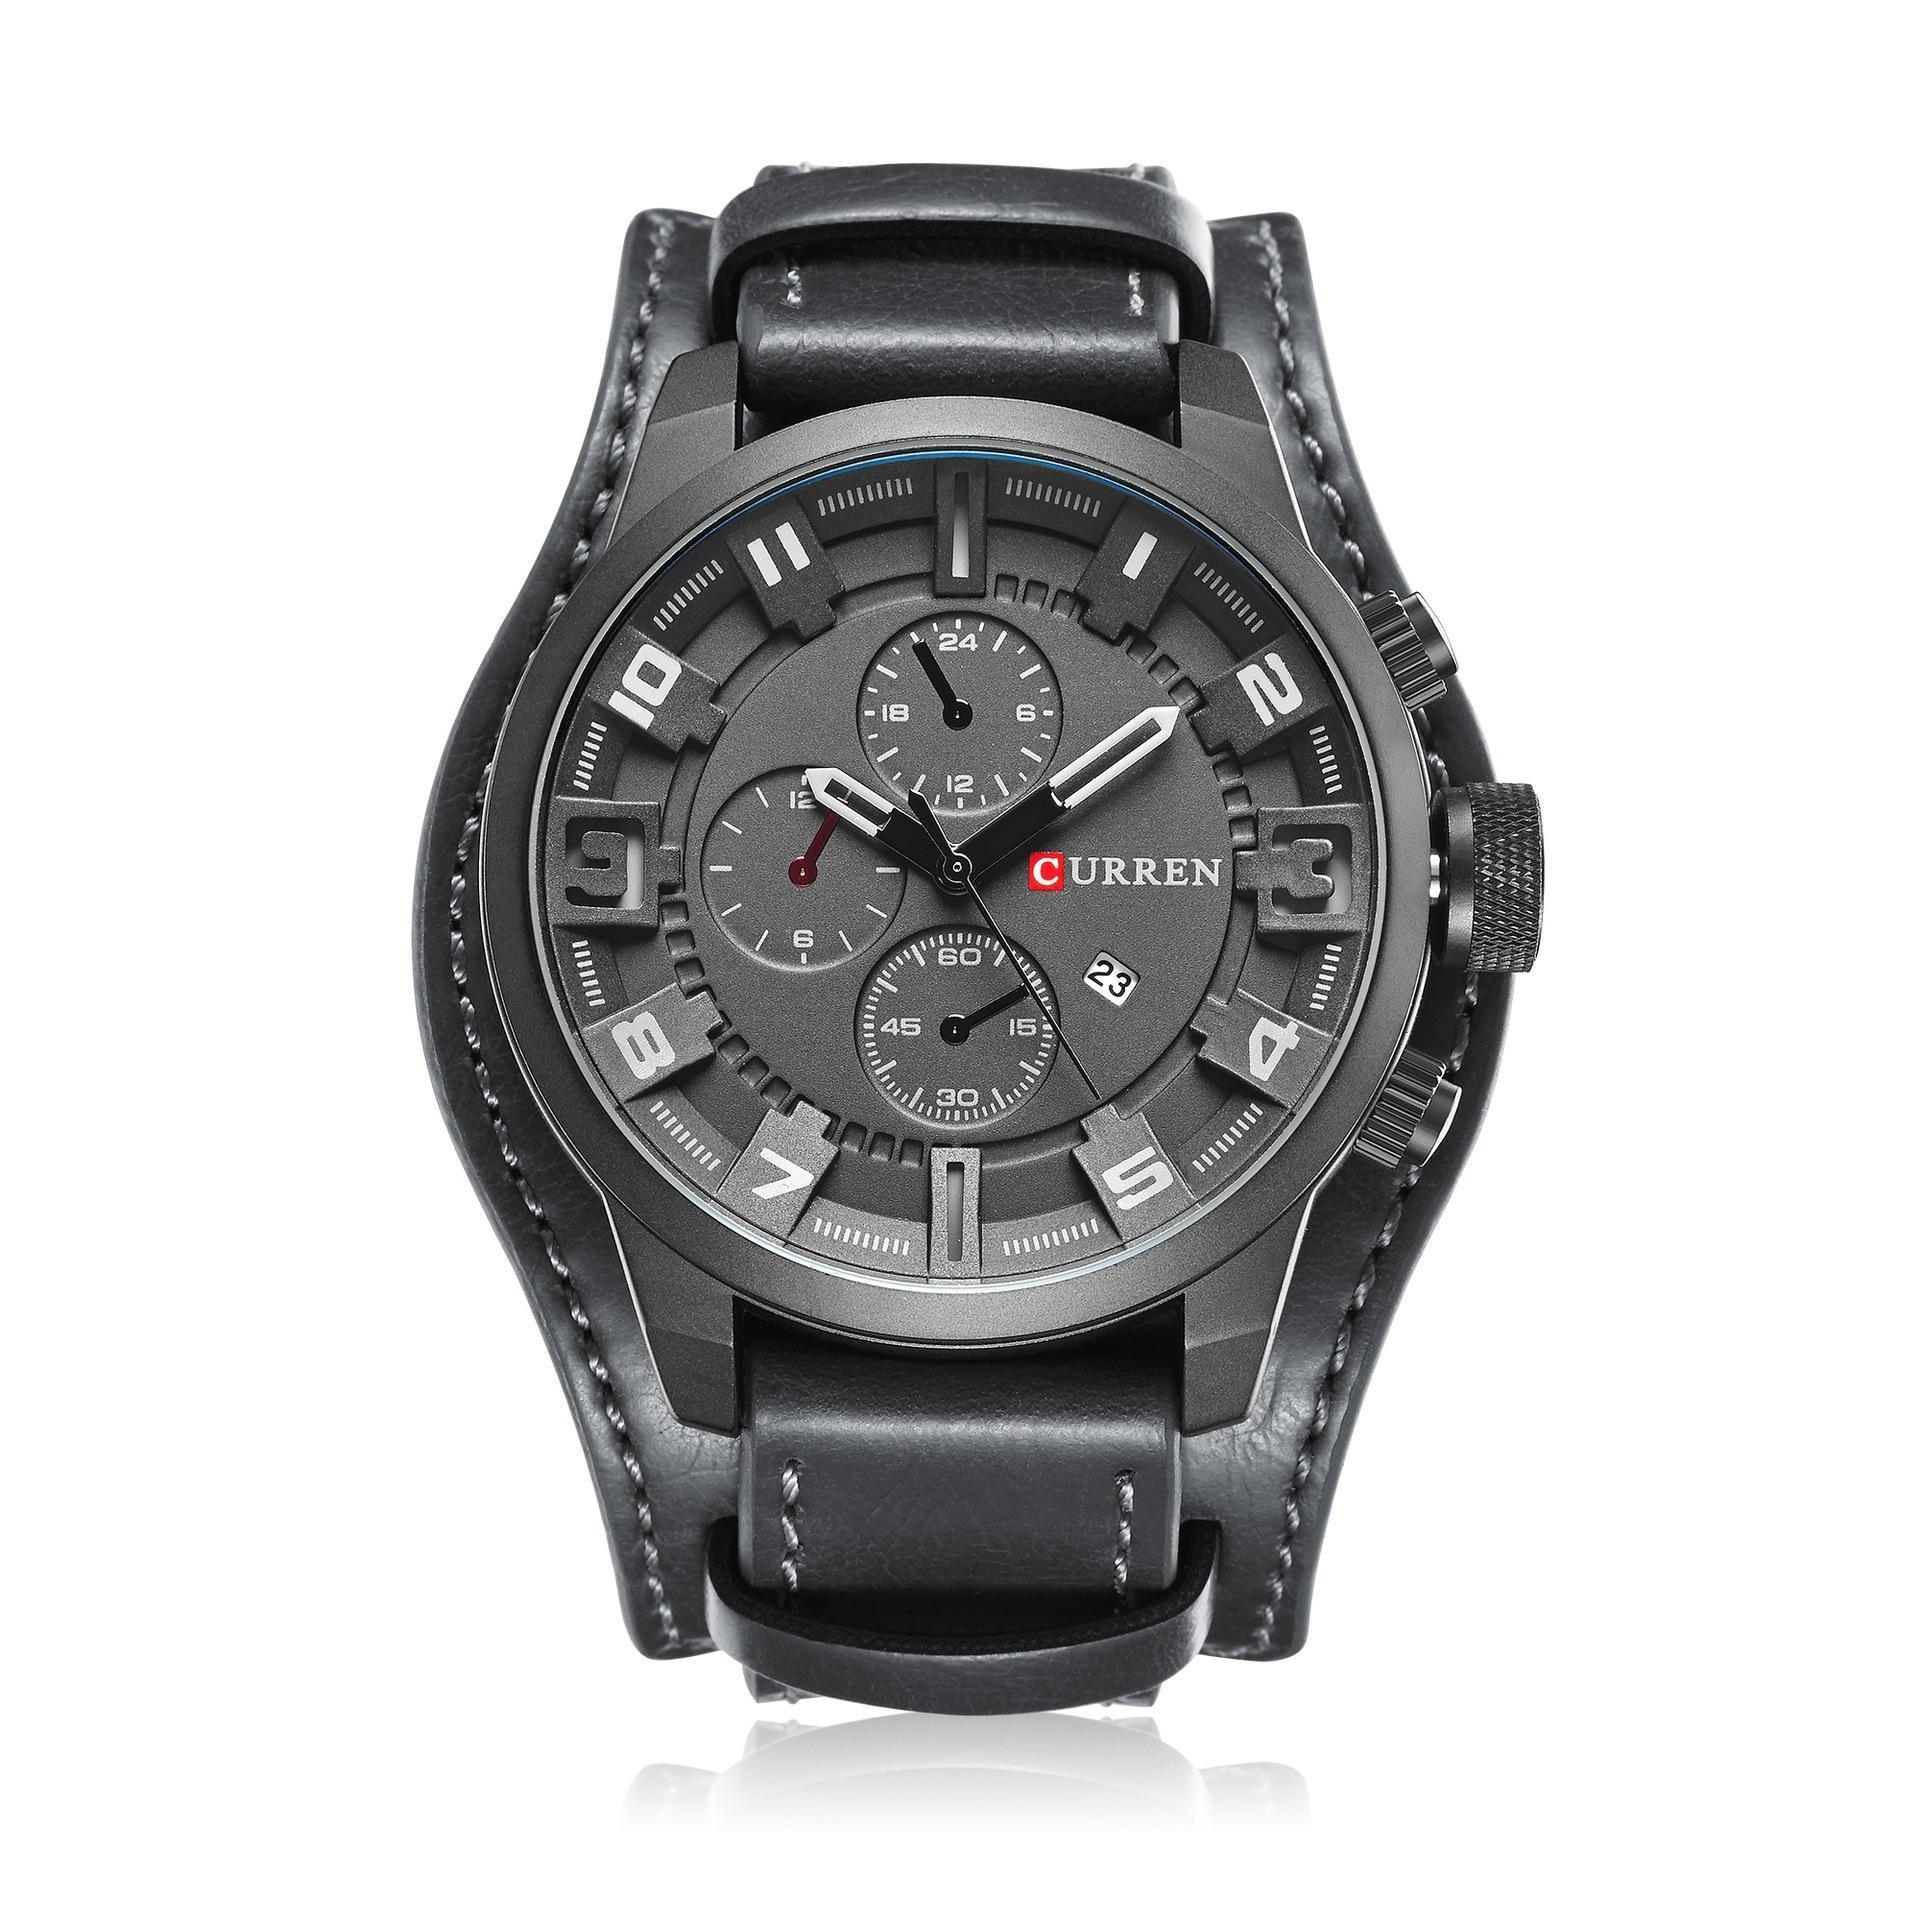 CURREN Herrenuhren Top-marke Luxus Uhr Männlichen Lederband Große Zifferblatt Military Armbanduhr Männer Quarzuhr Relogio Masculino